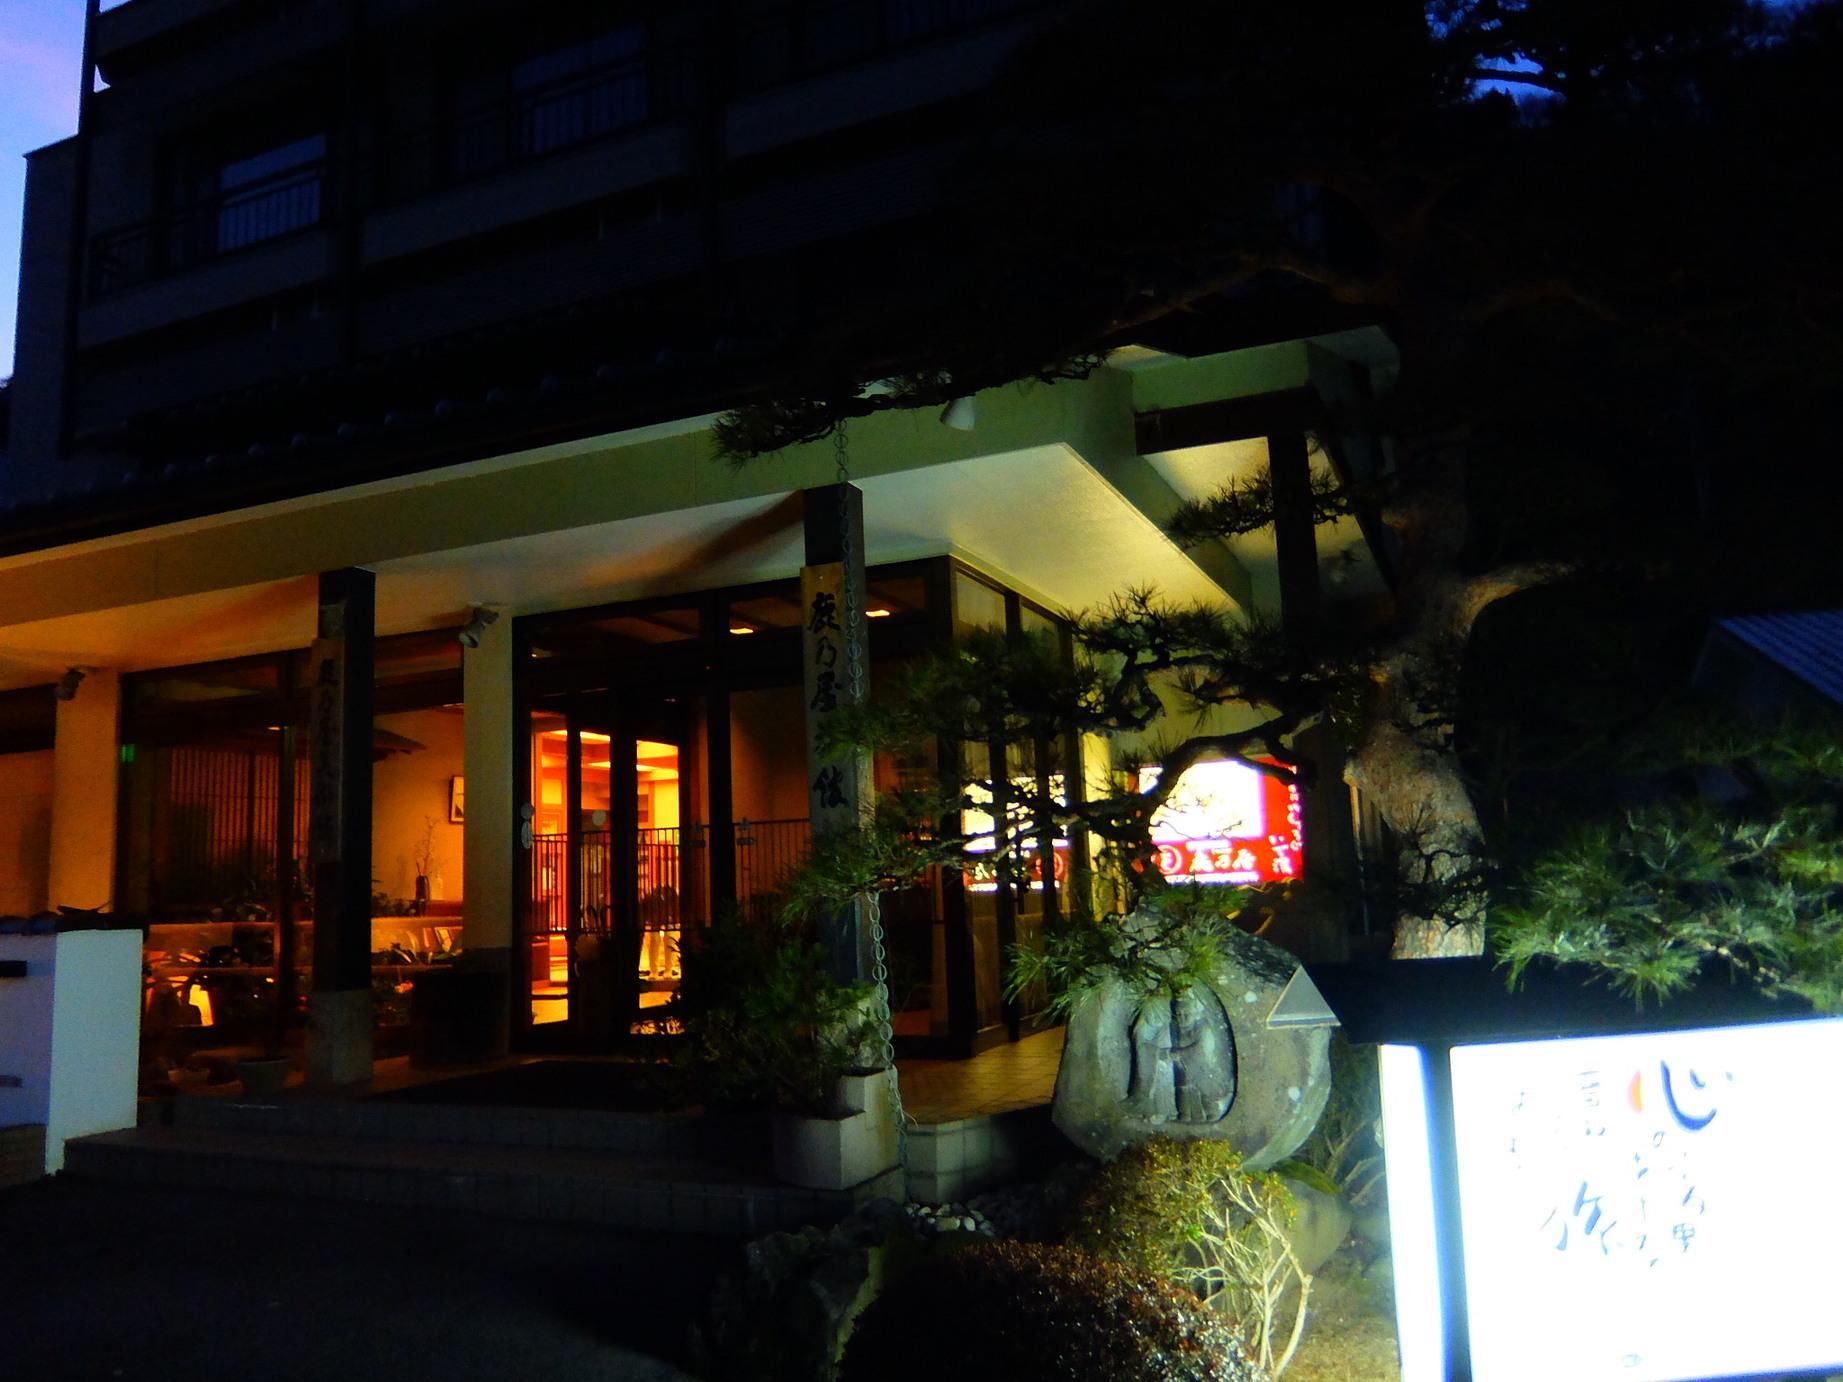 鹿乃屋旅館 name=